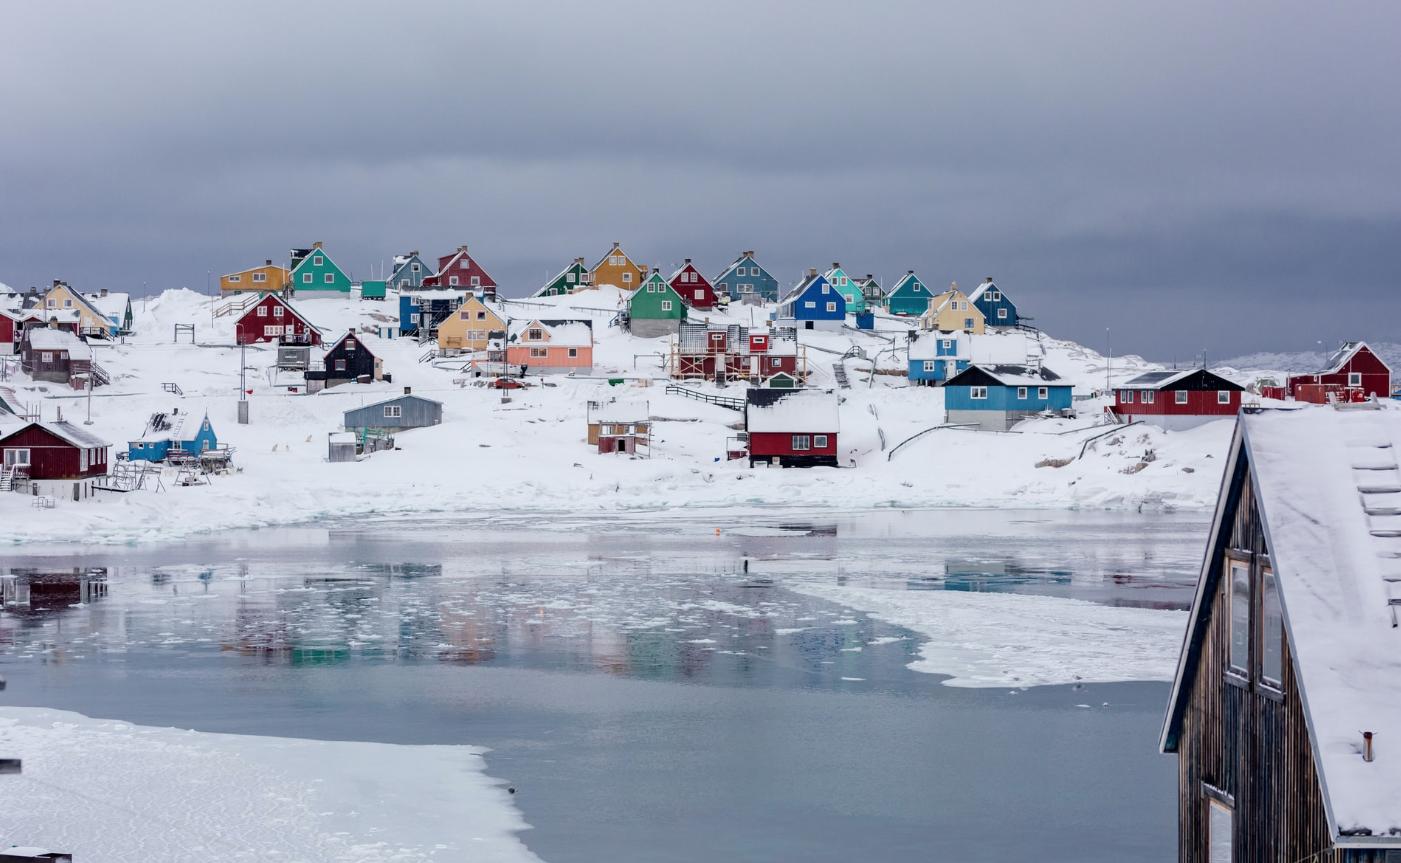 Lluvia alcanza hielo de Groenlandia por primera vez y provoca enorme derretimiento